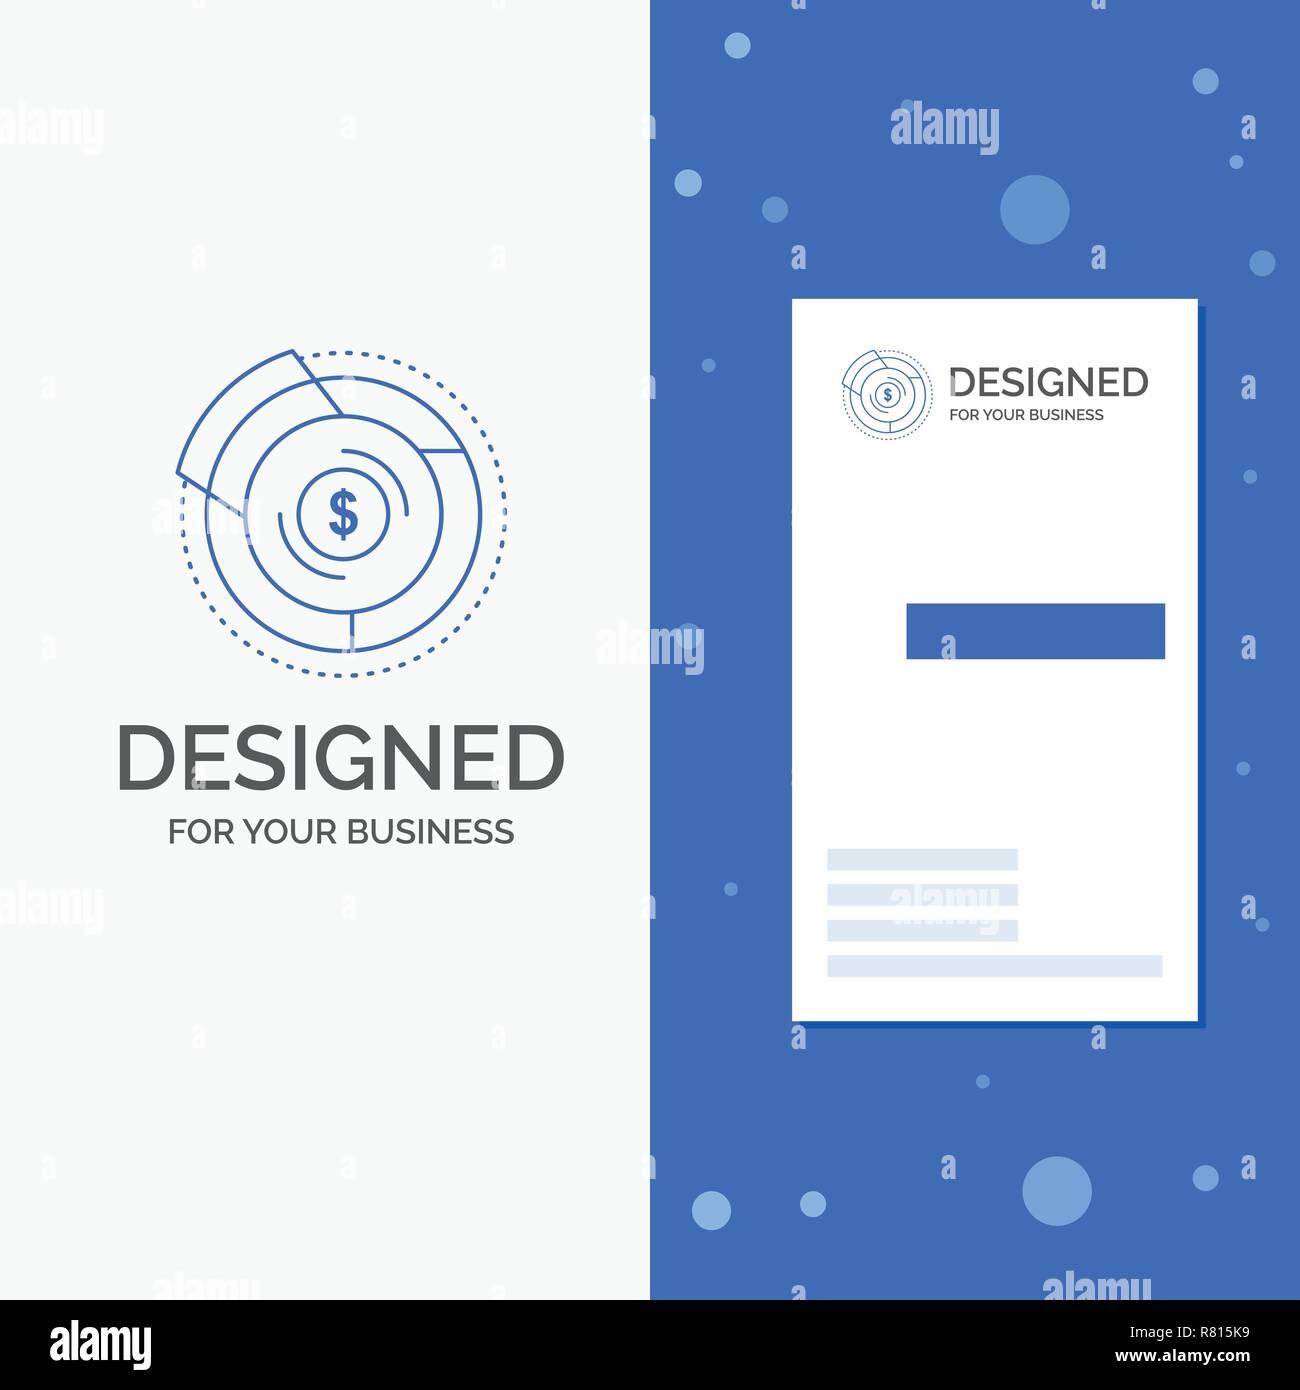 Logo Dentreprise Pour Lequilibre Budget Diagramme Graphique Financiere Bleu Vertical Affaires Modele De Carte Visite